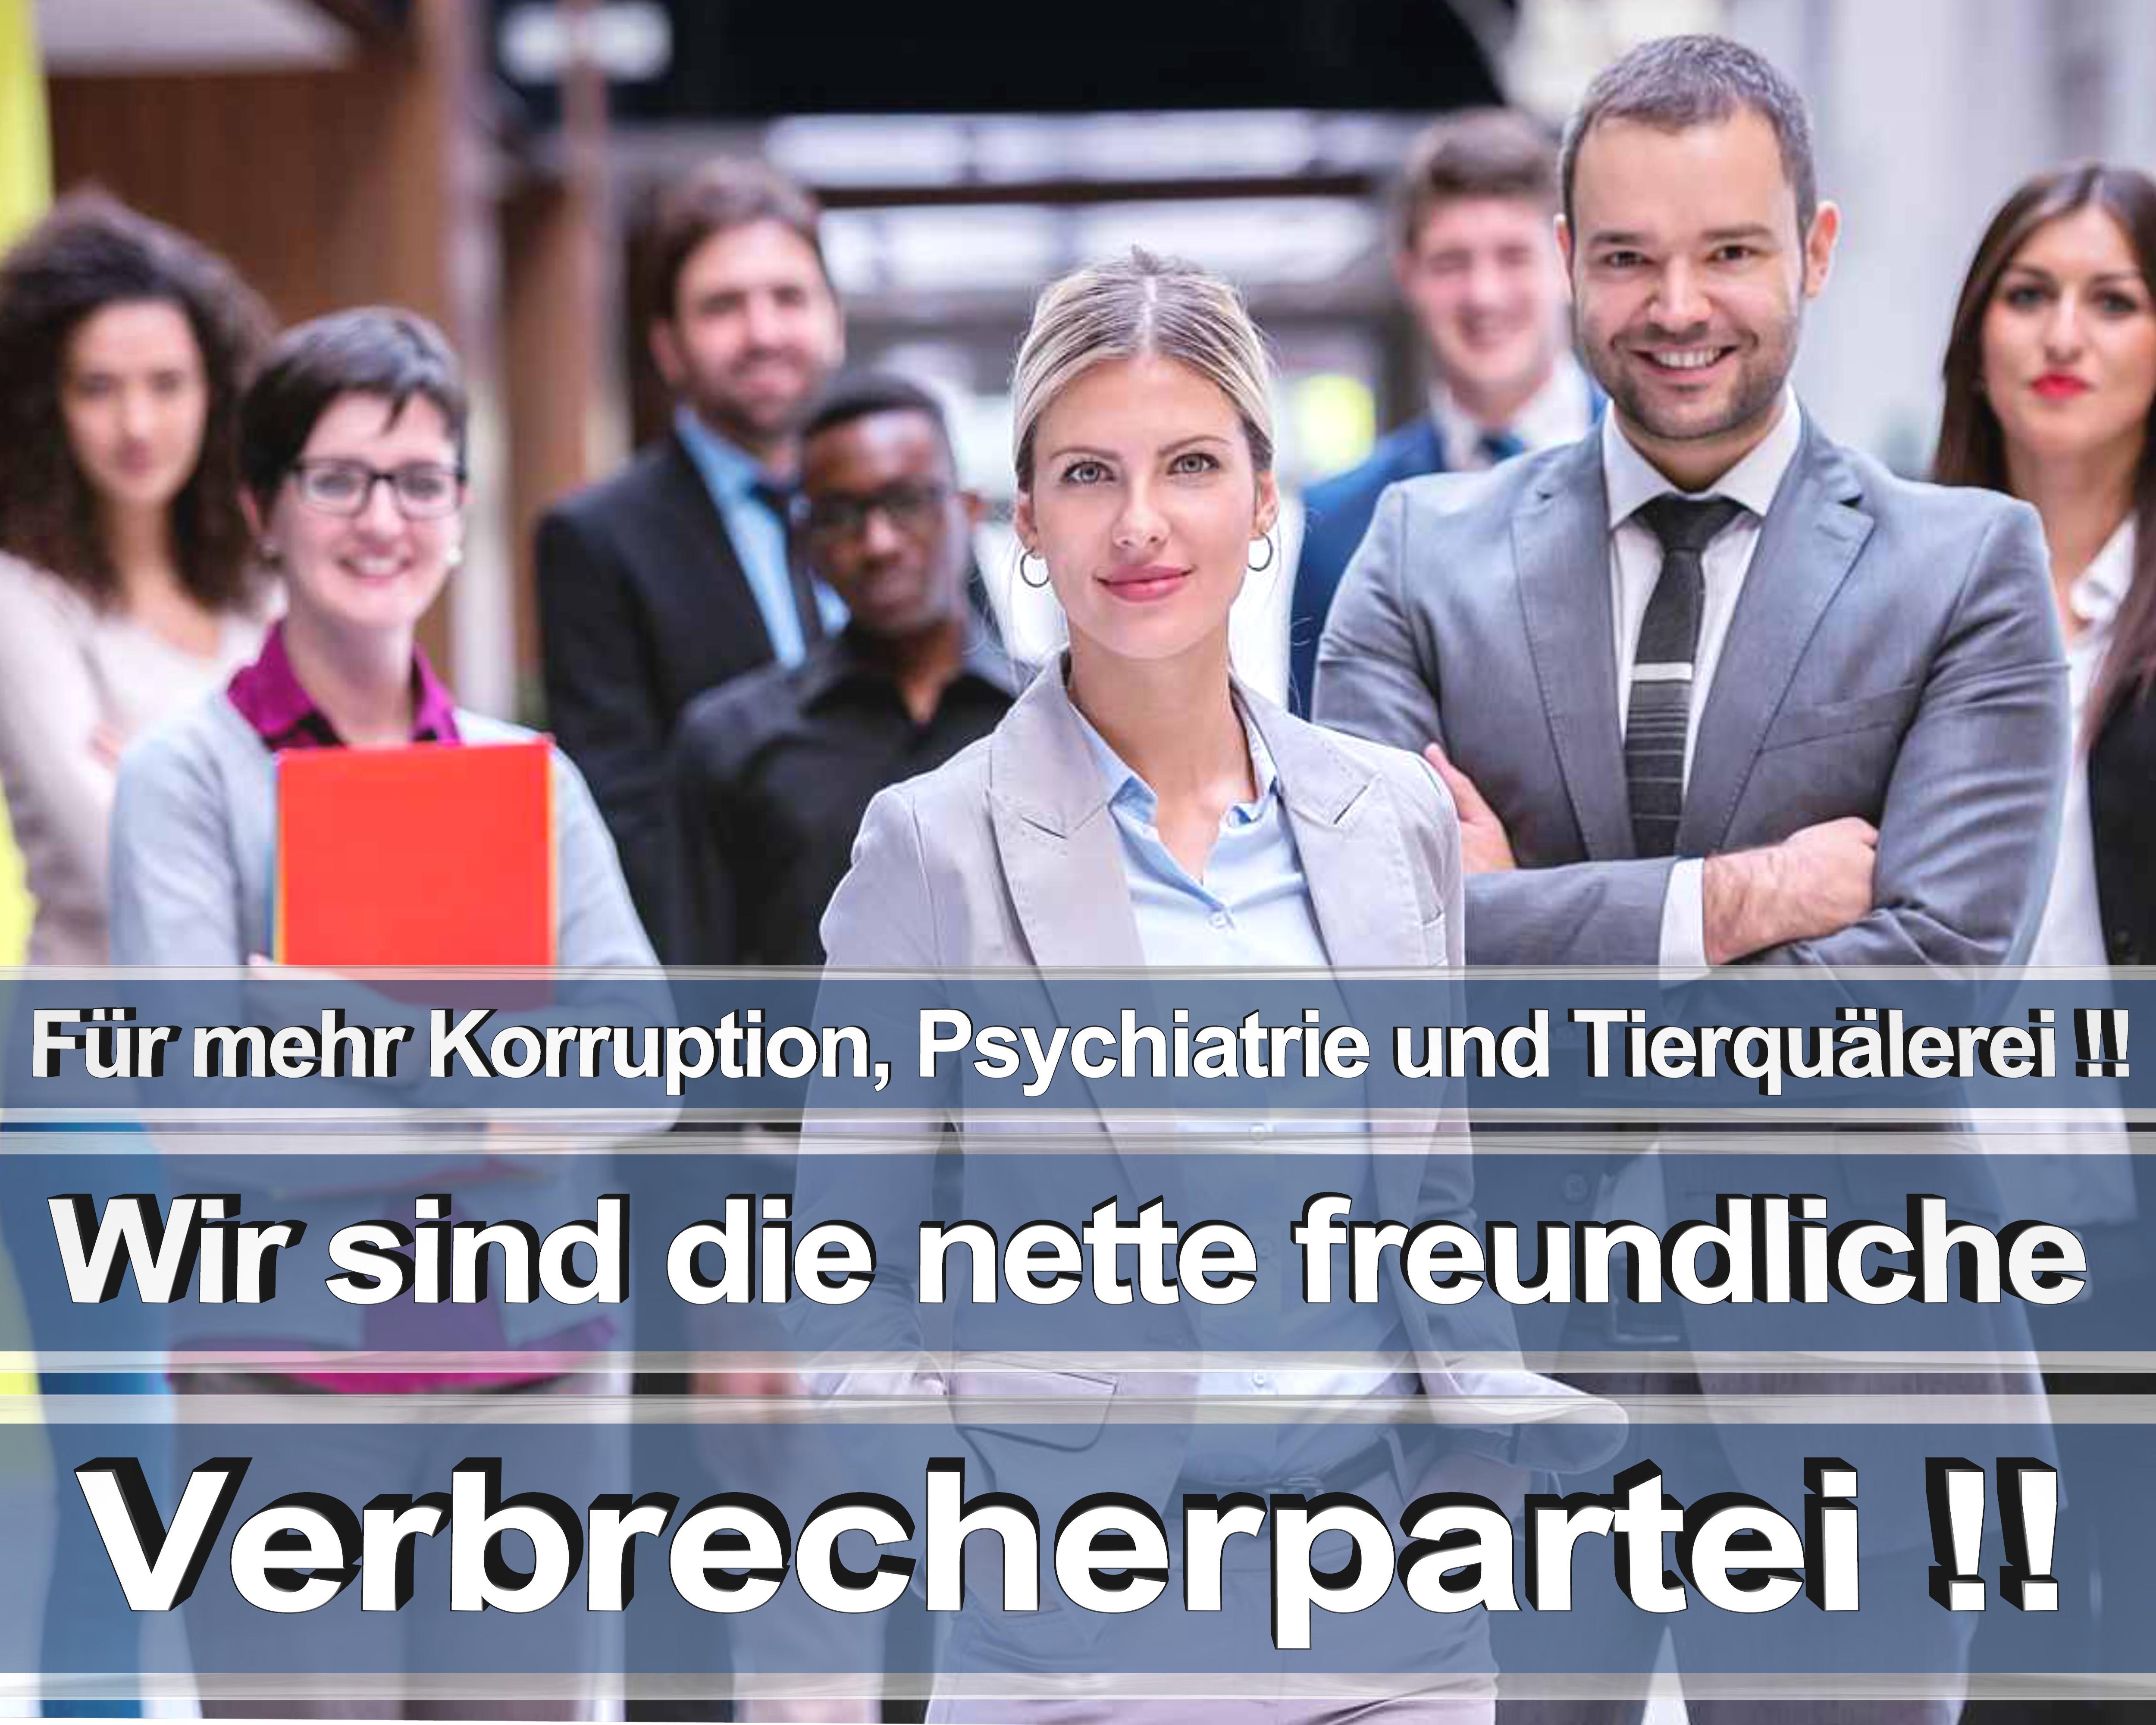 Bundestagswahl 2017 wahlplakate cdu spd angela merkel frauke petry afd rtl zdf ard arte (11)